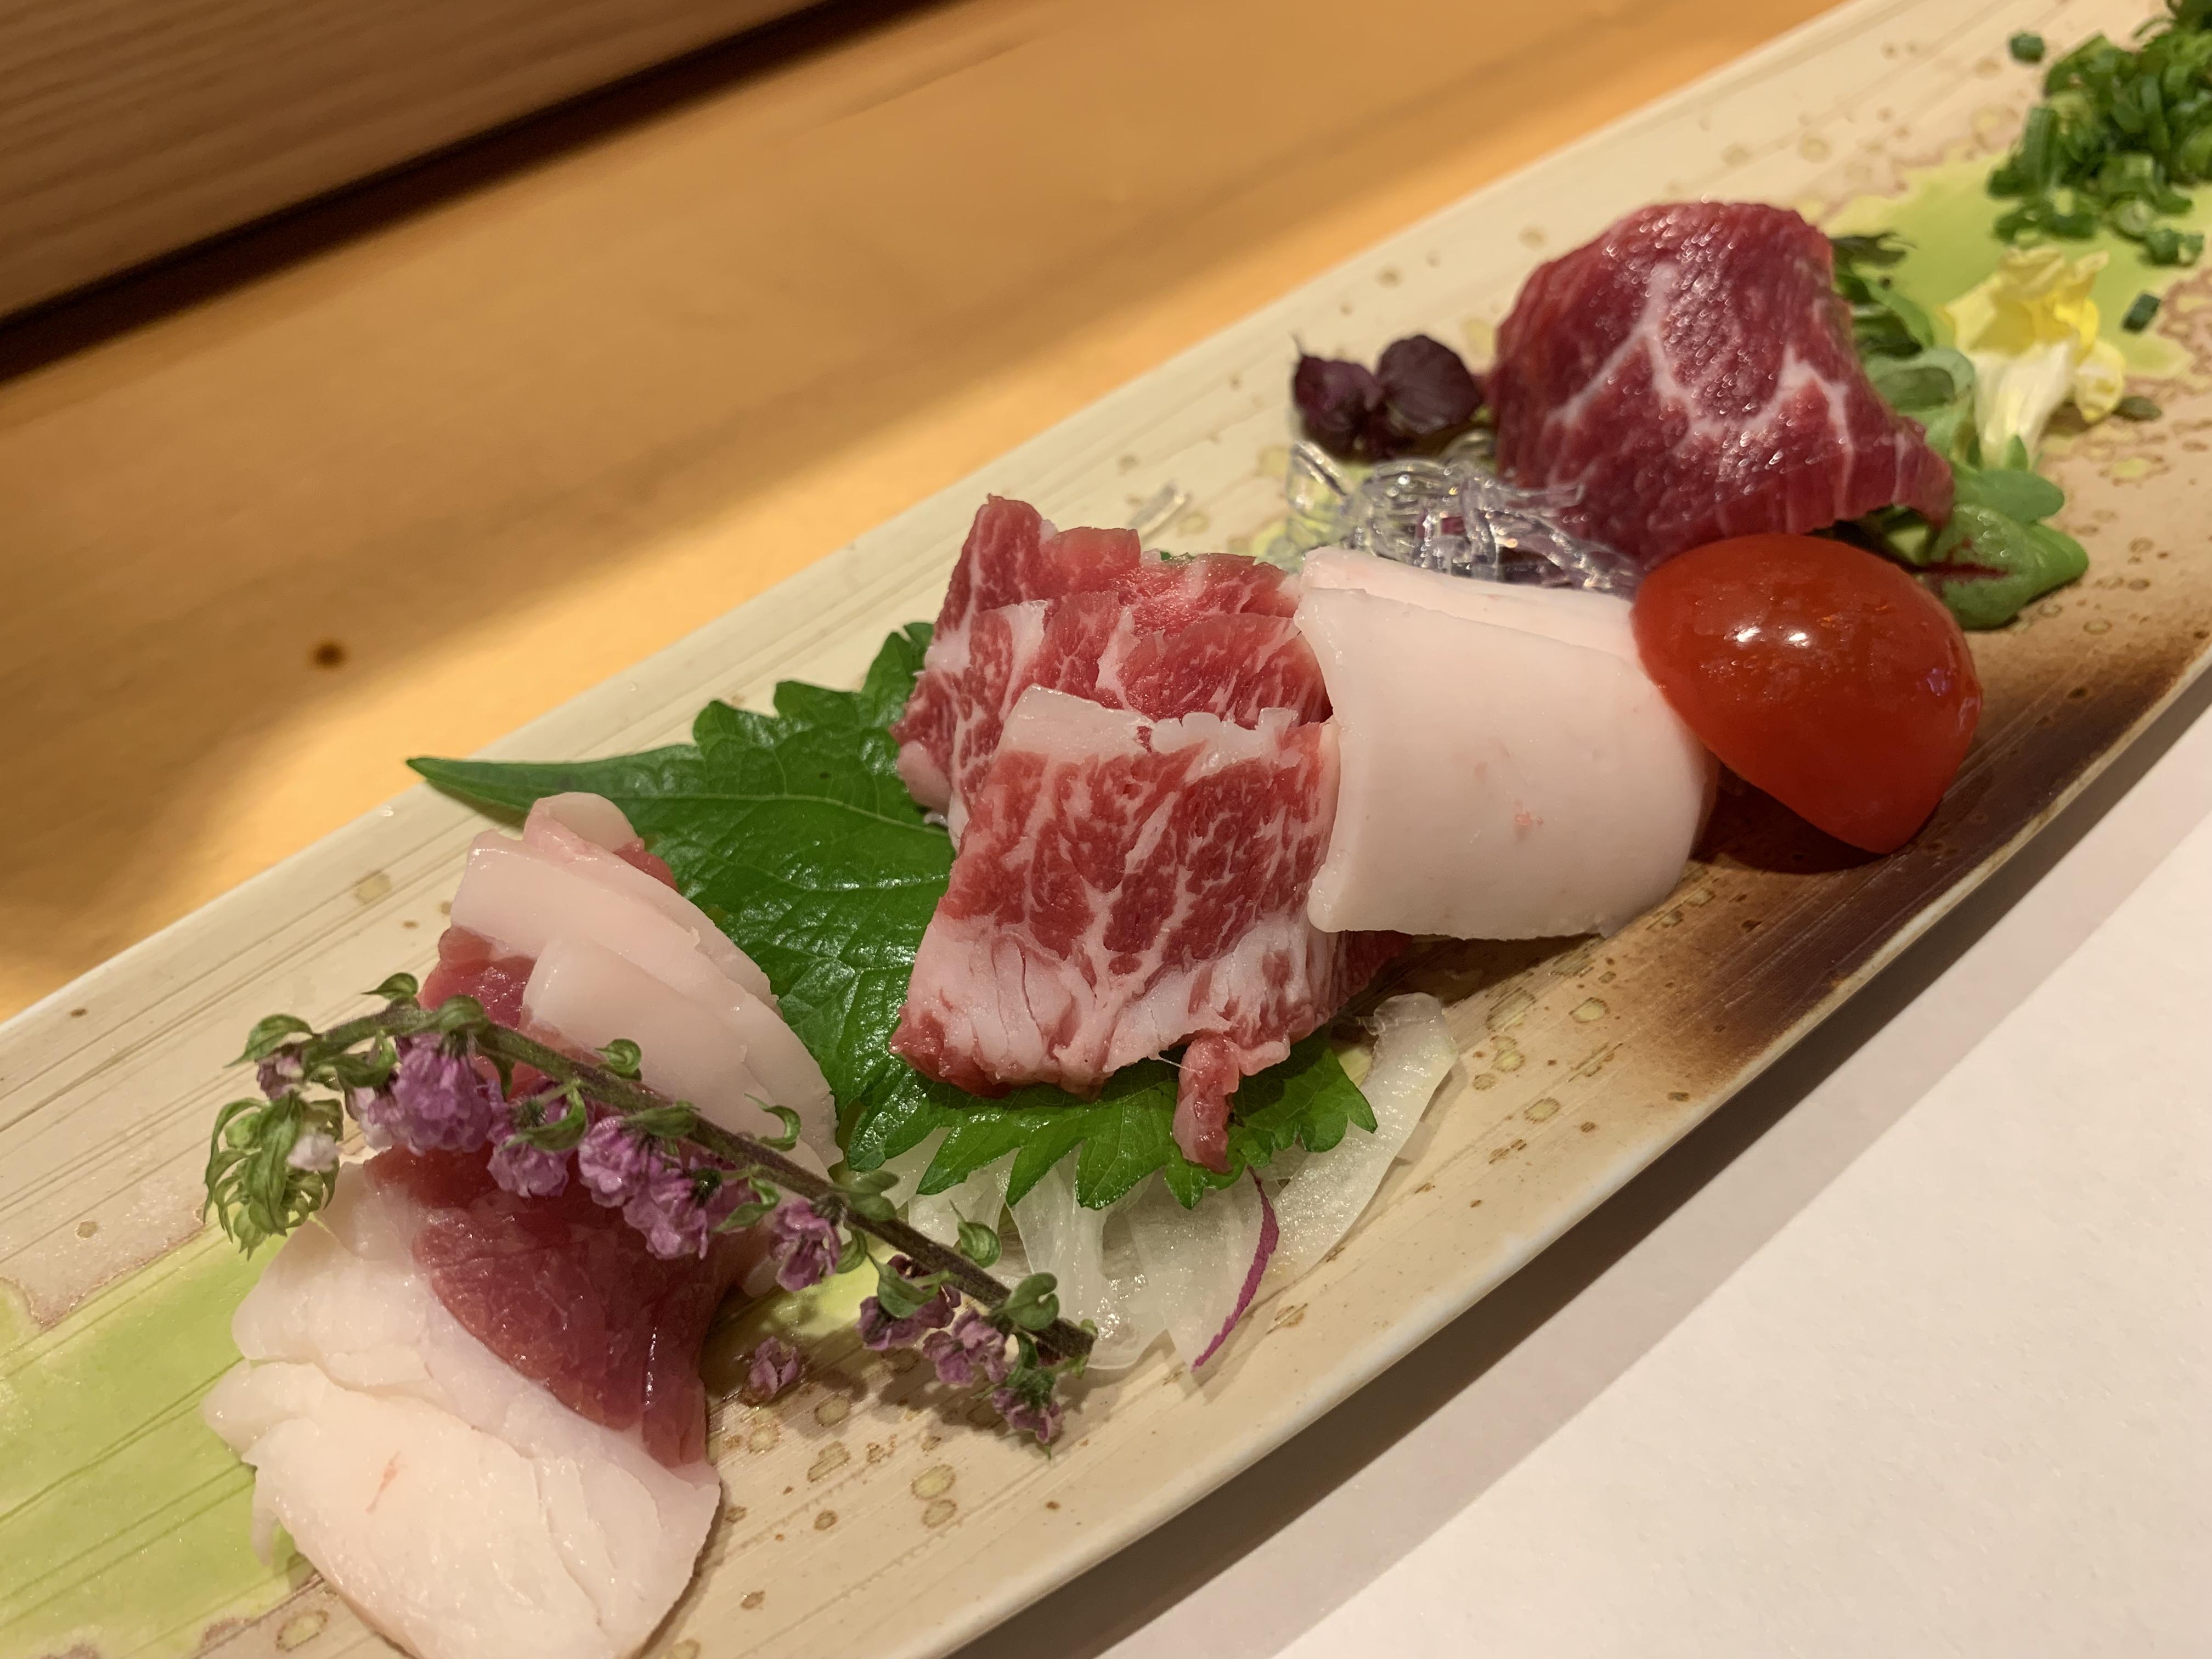 【食べ物・お店】熊本の馬刺し、菅乃屋:新鮮な馬刺しがうまい、馬い